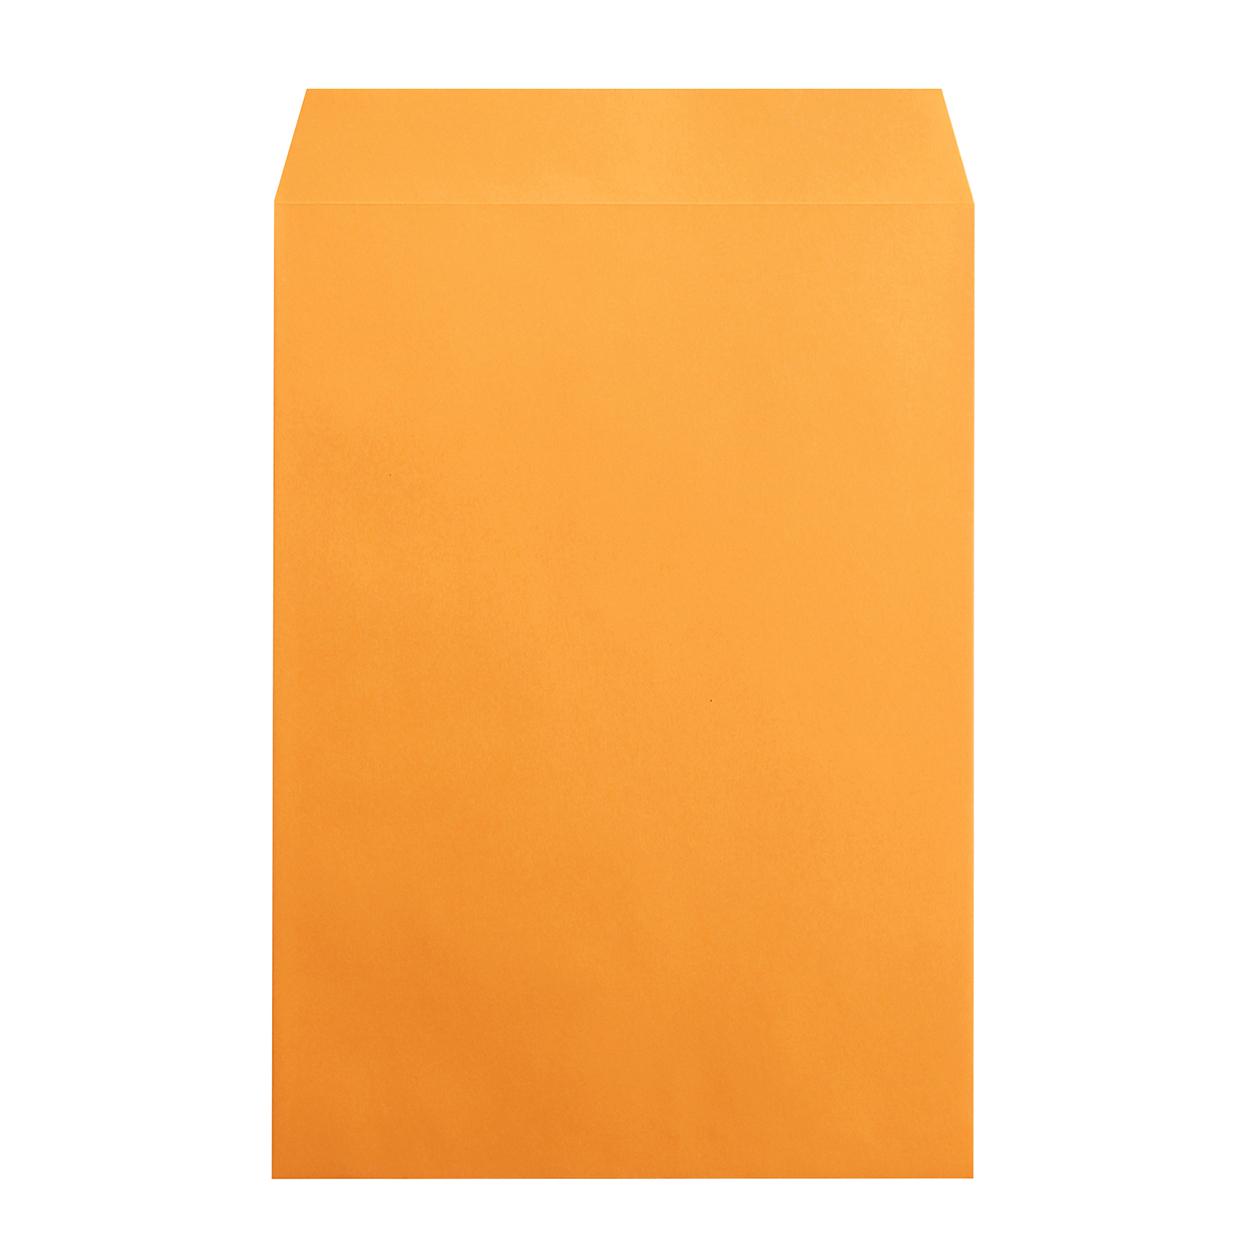 角2封筒 コニーカラー オレンジ 85g